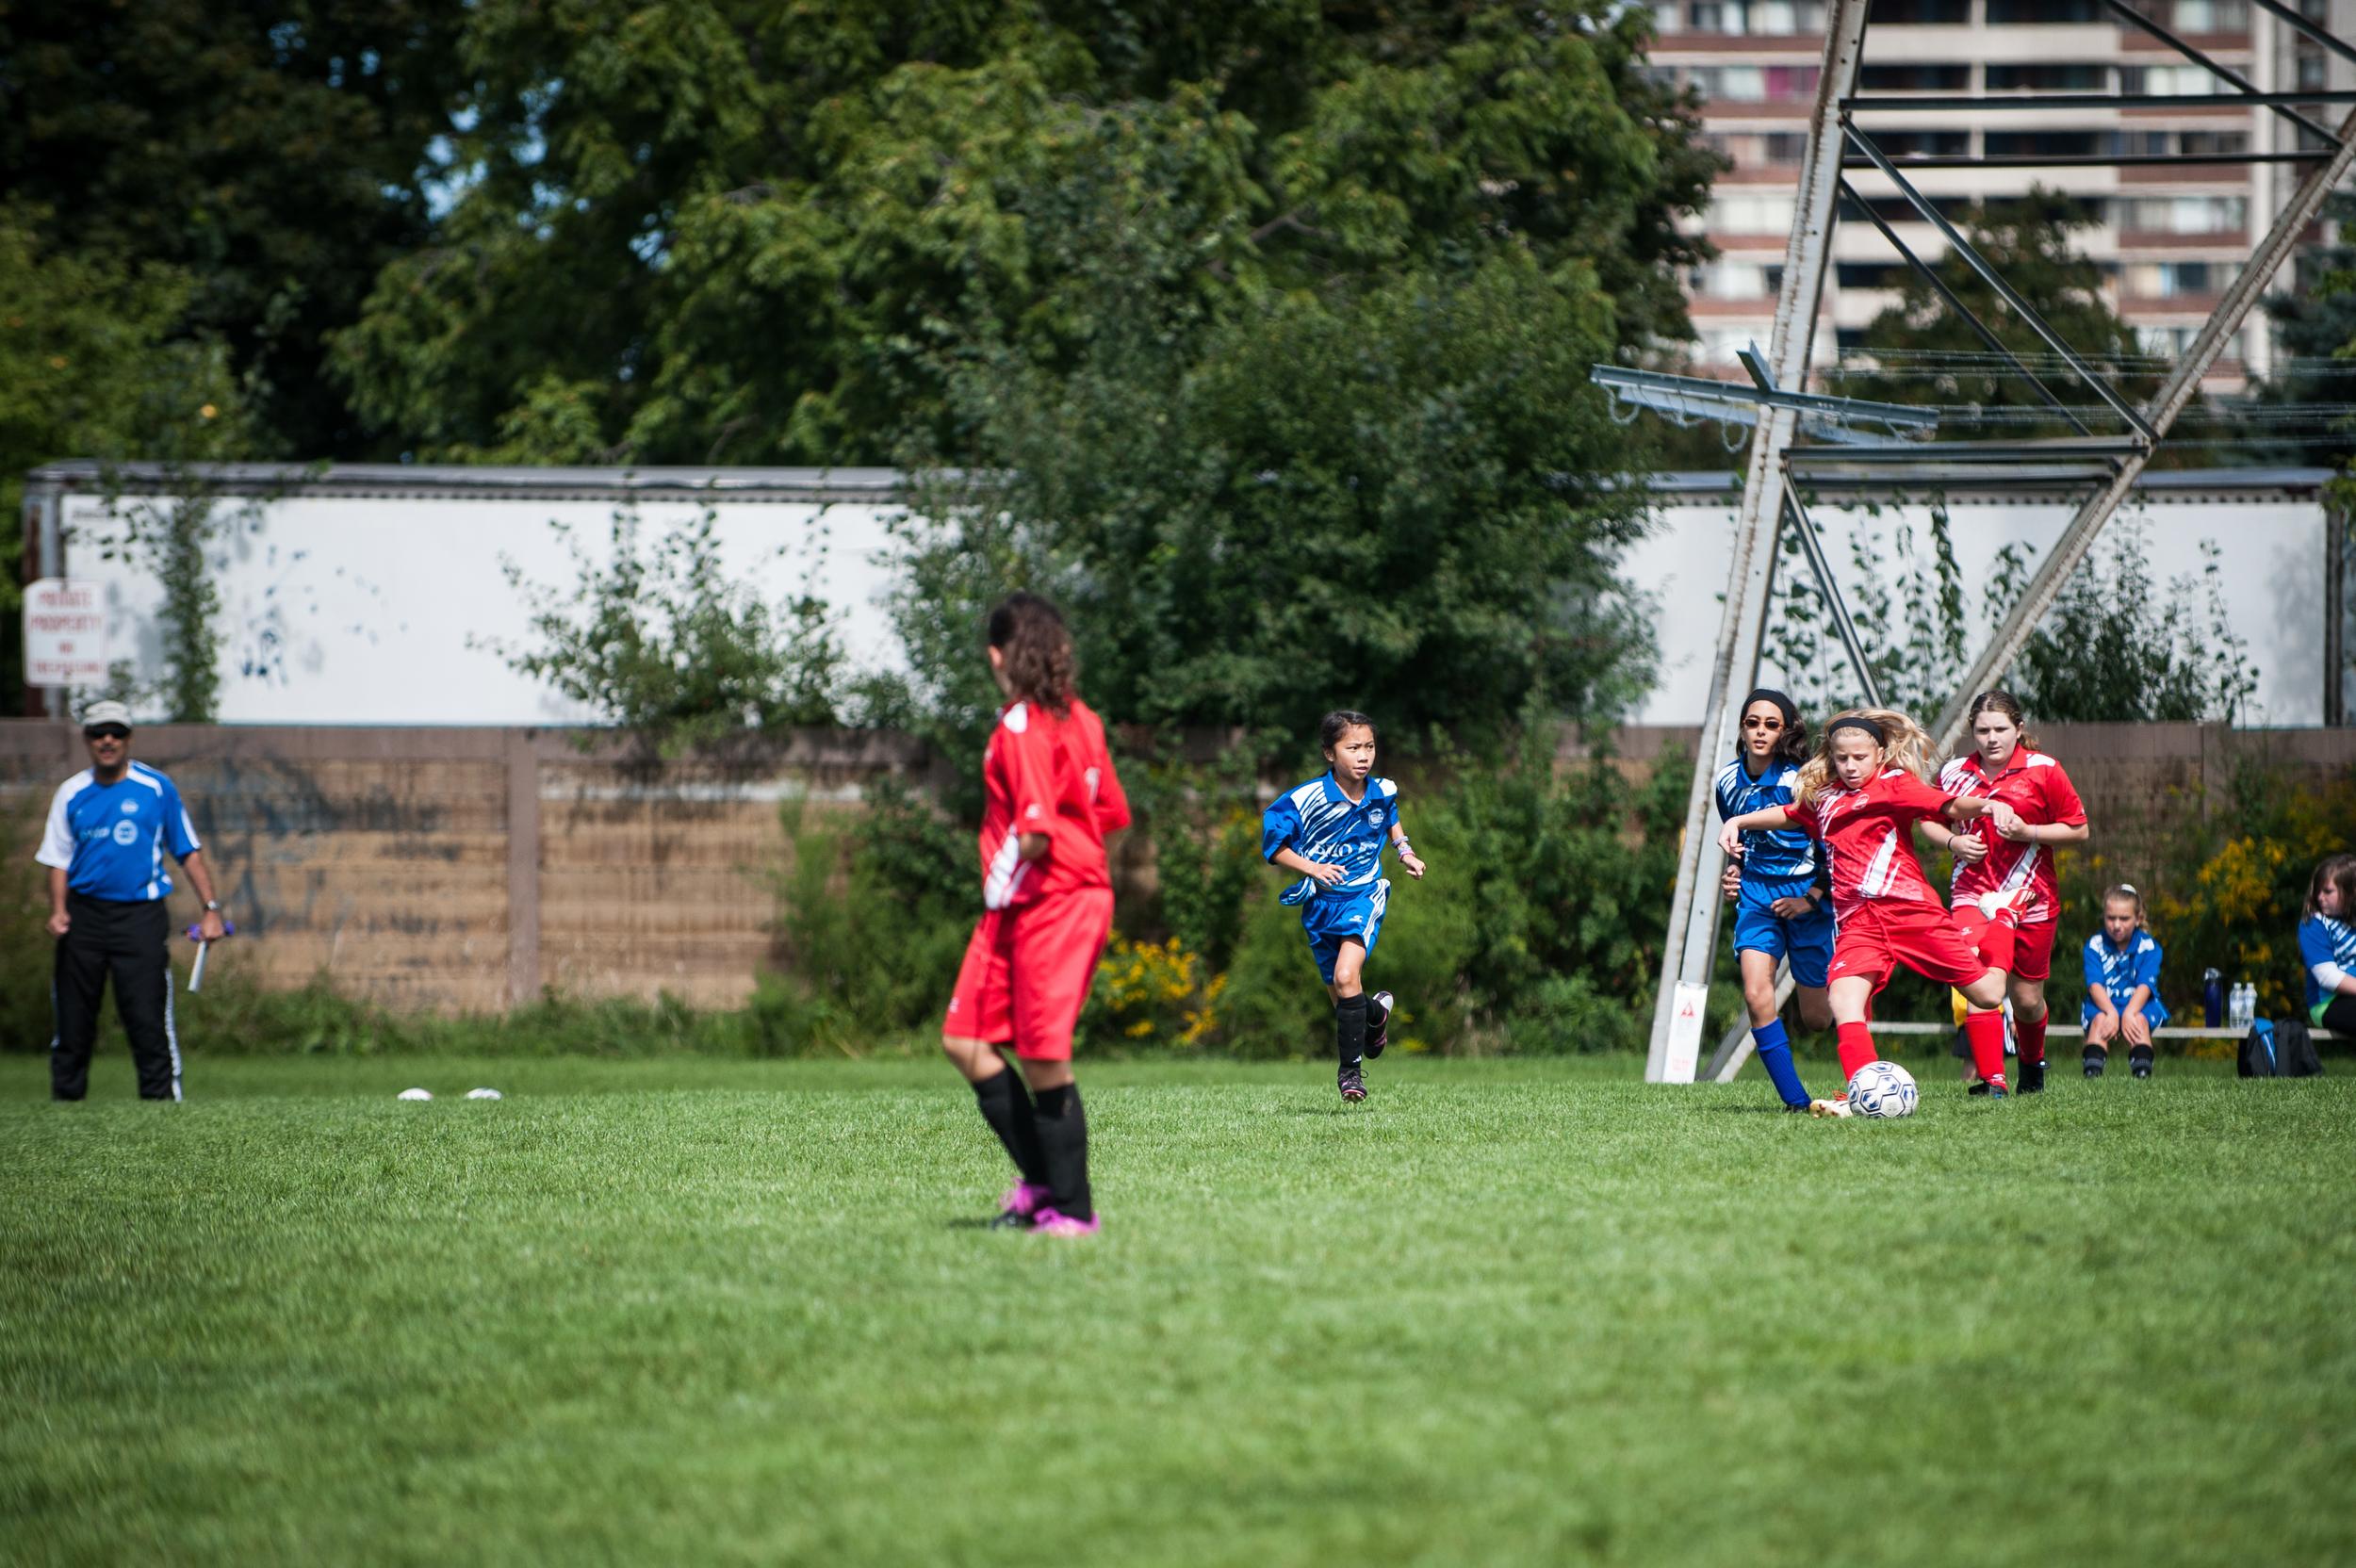 soccer8.jpg